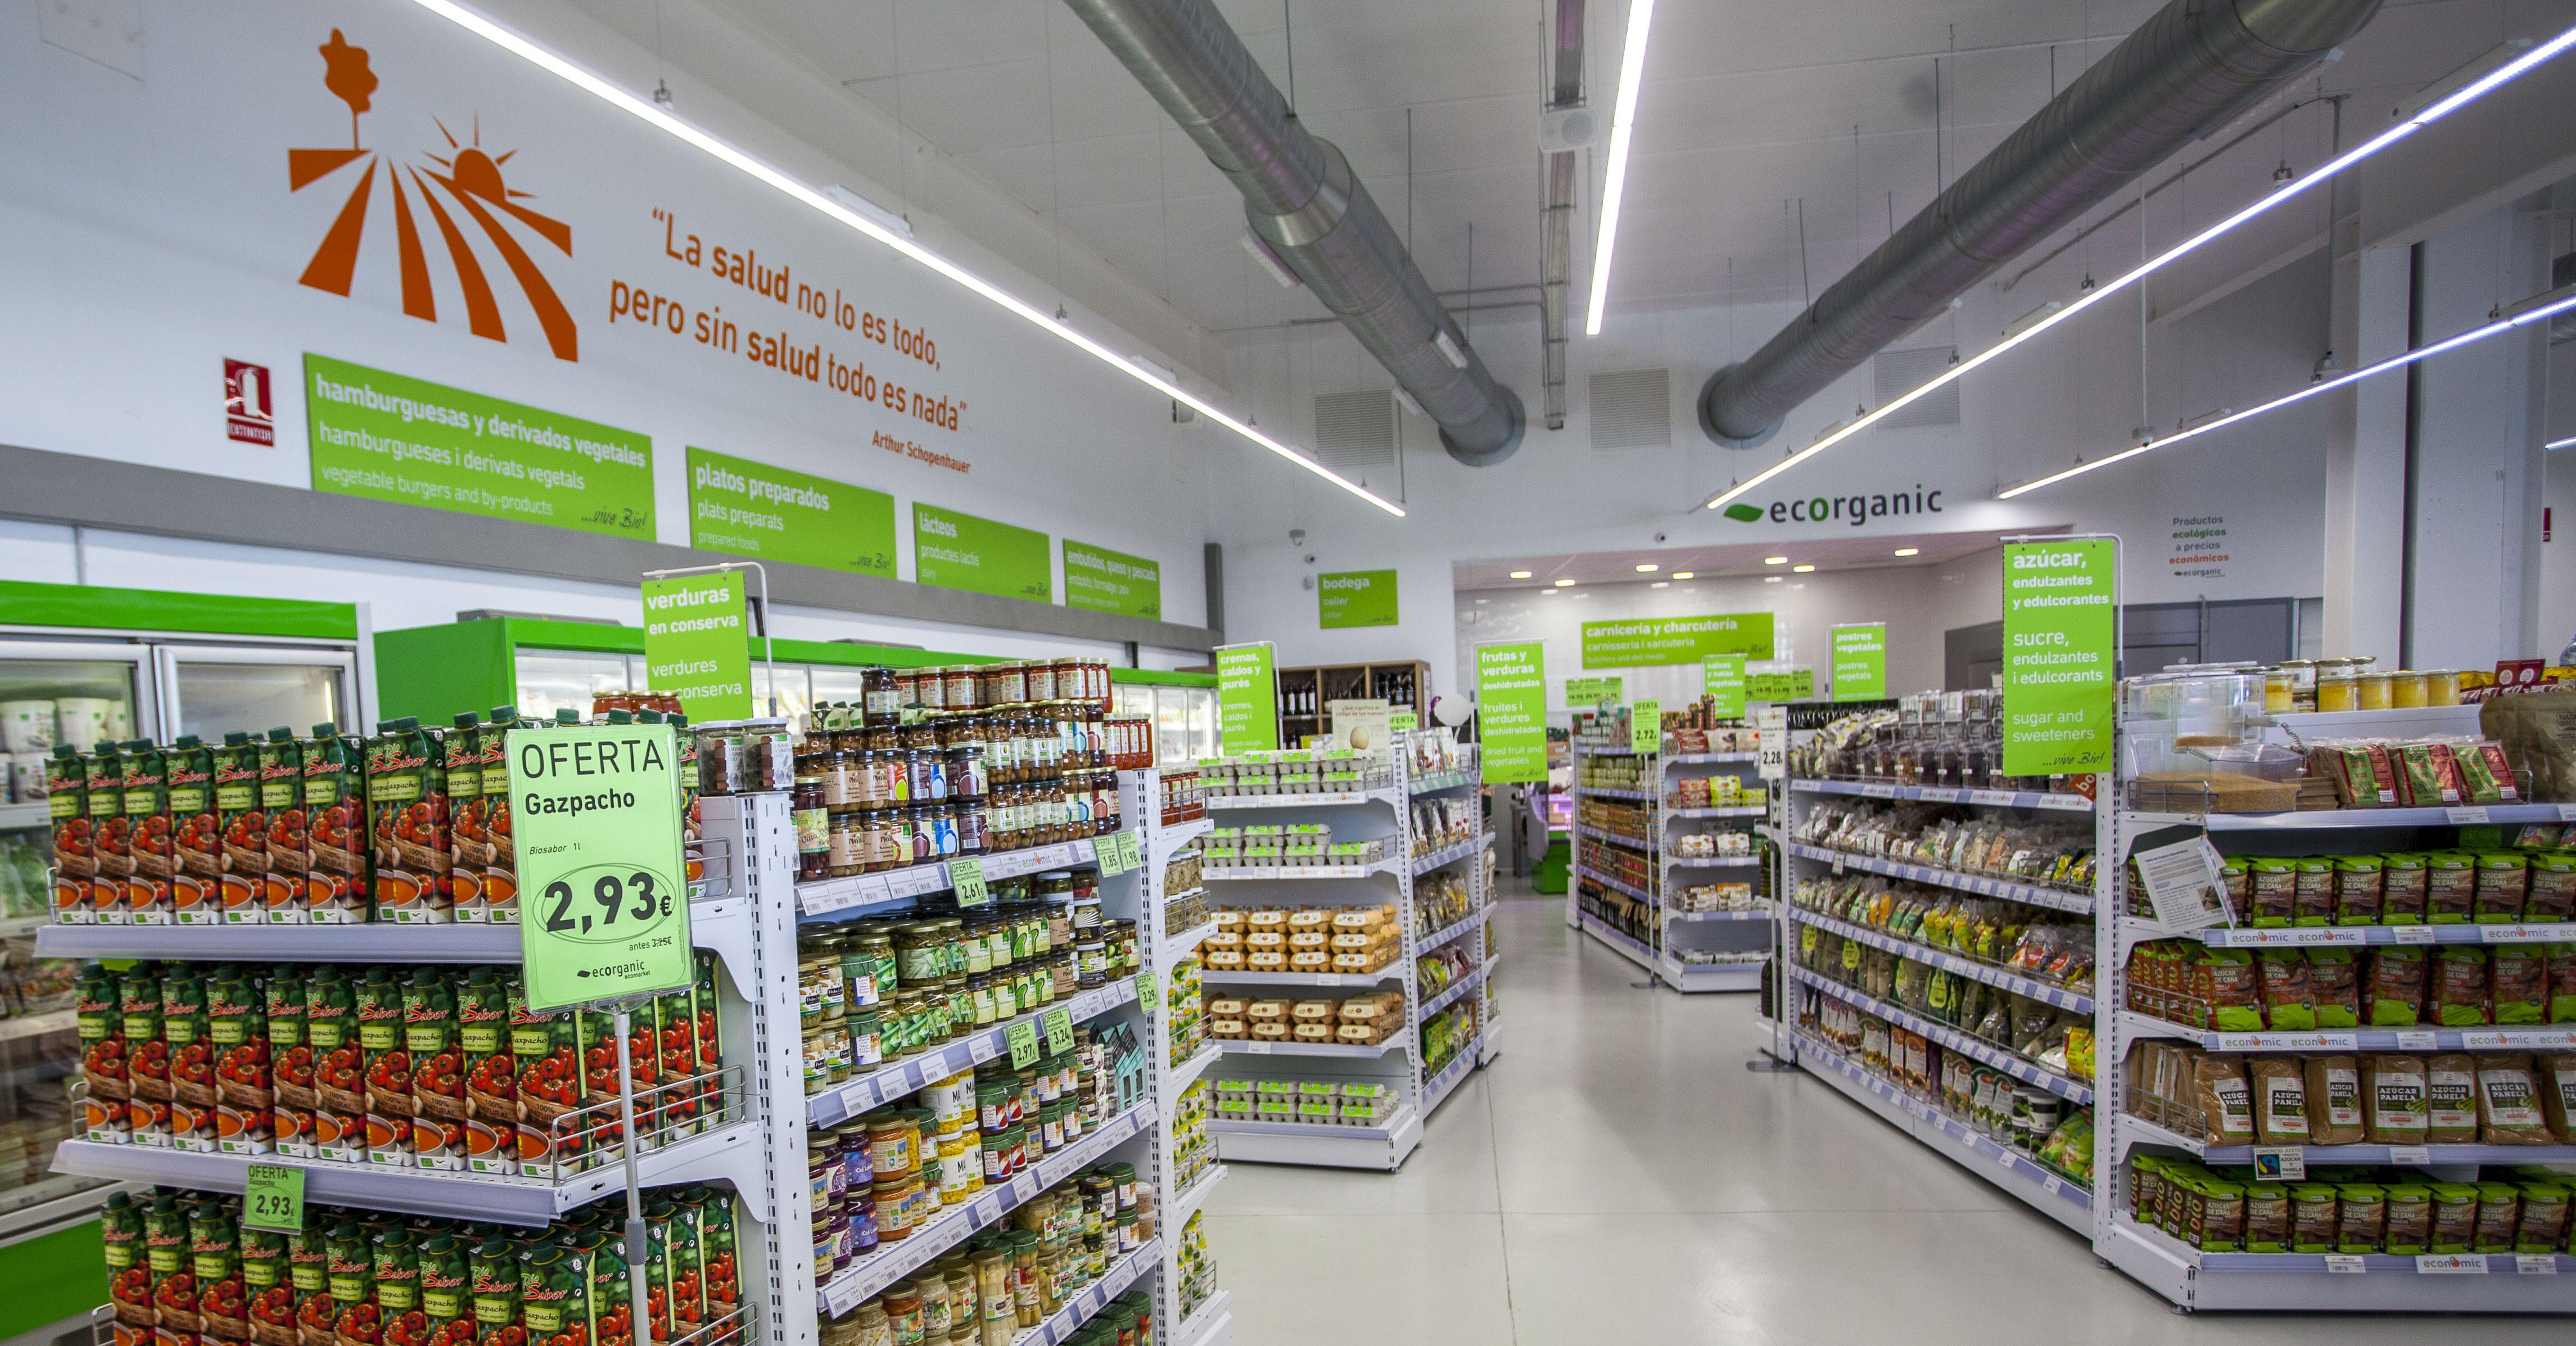 ecorganic supermercado ecológico